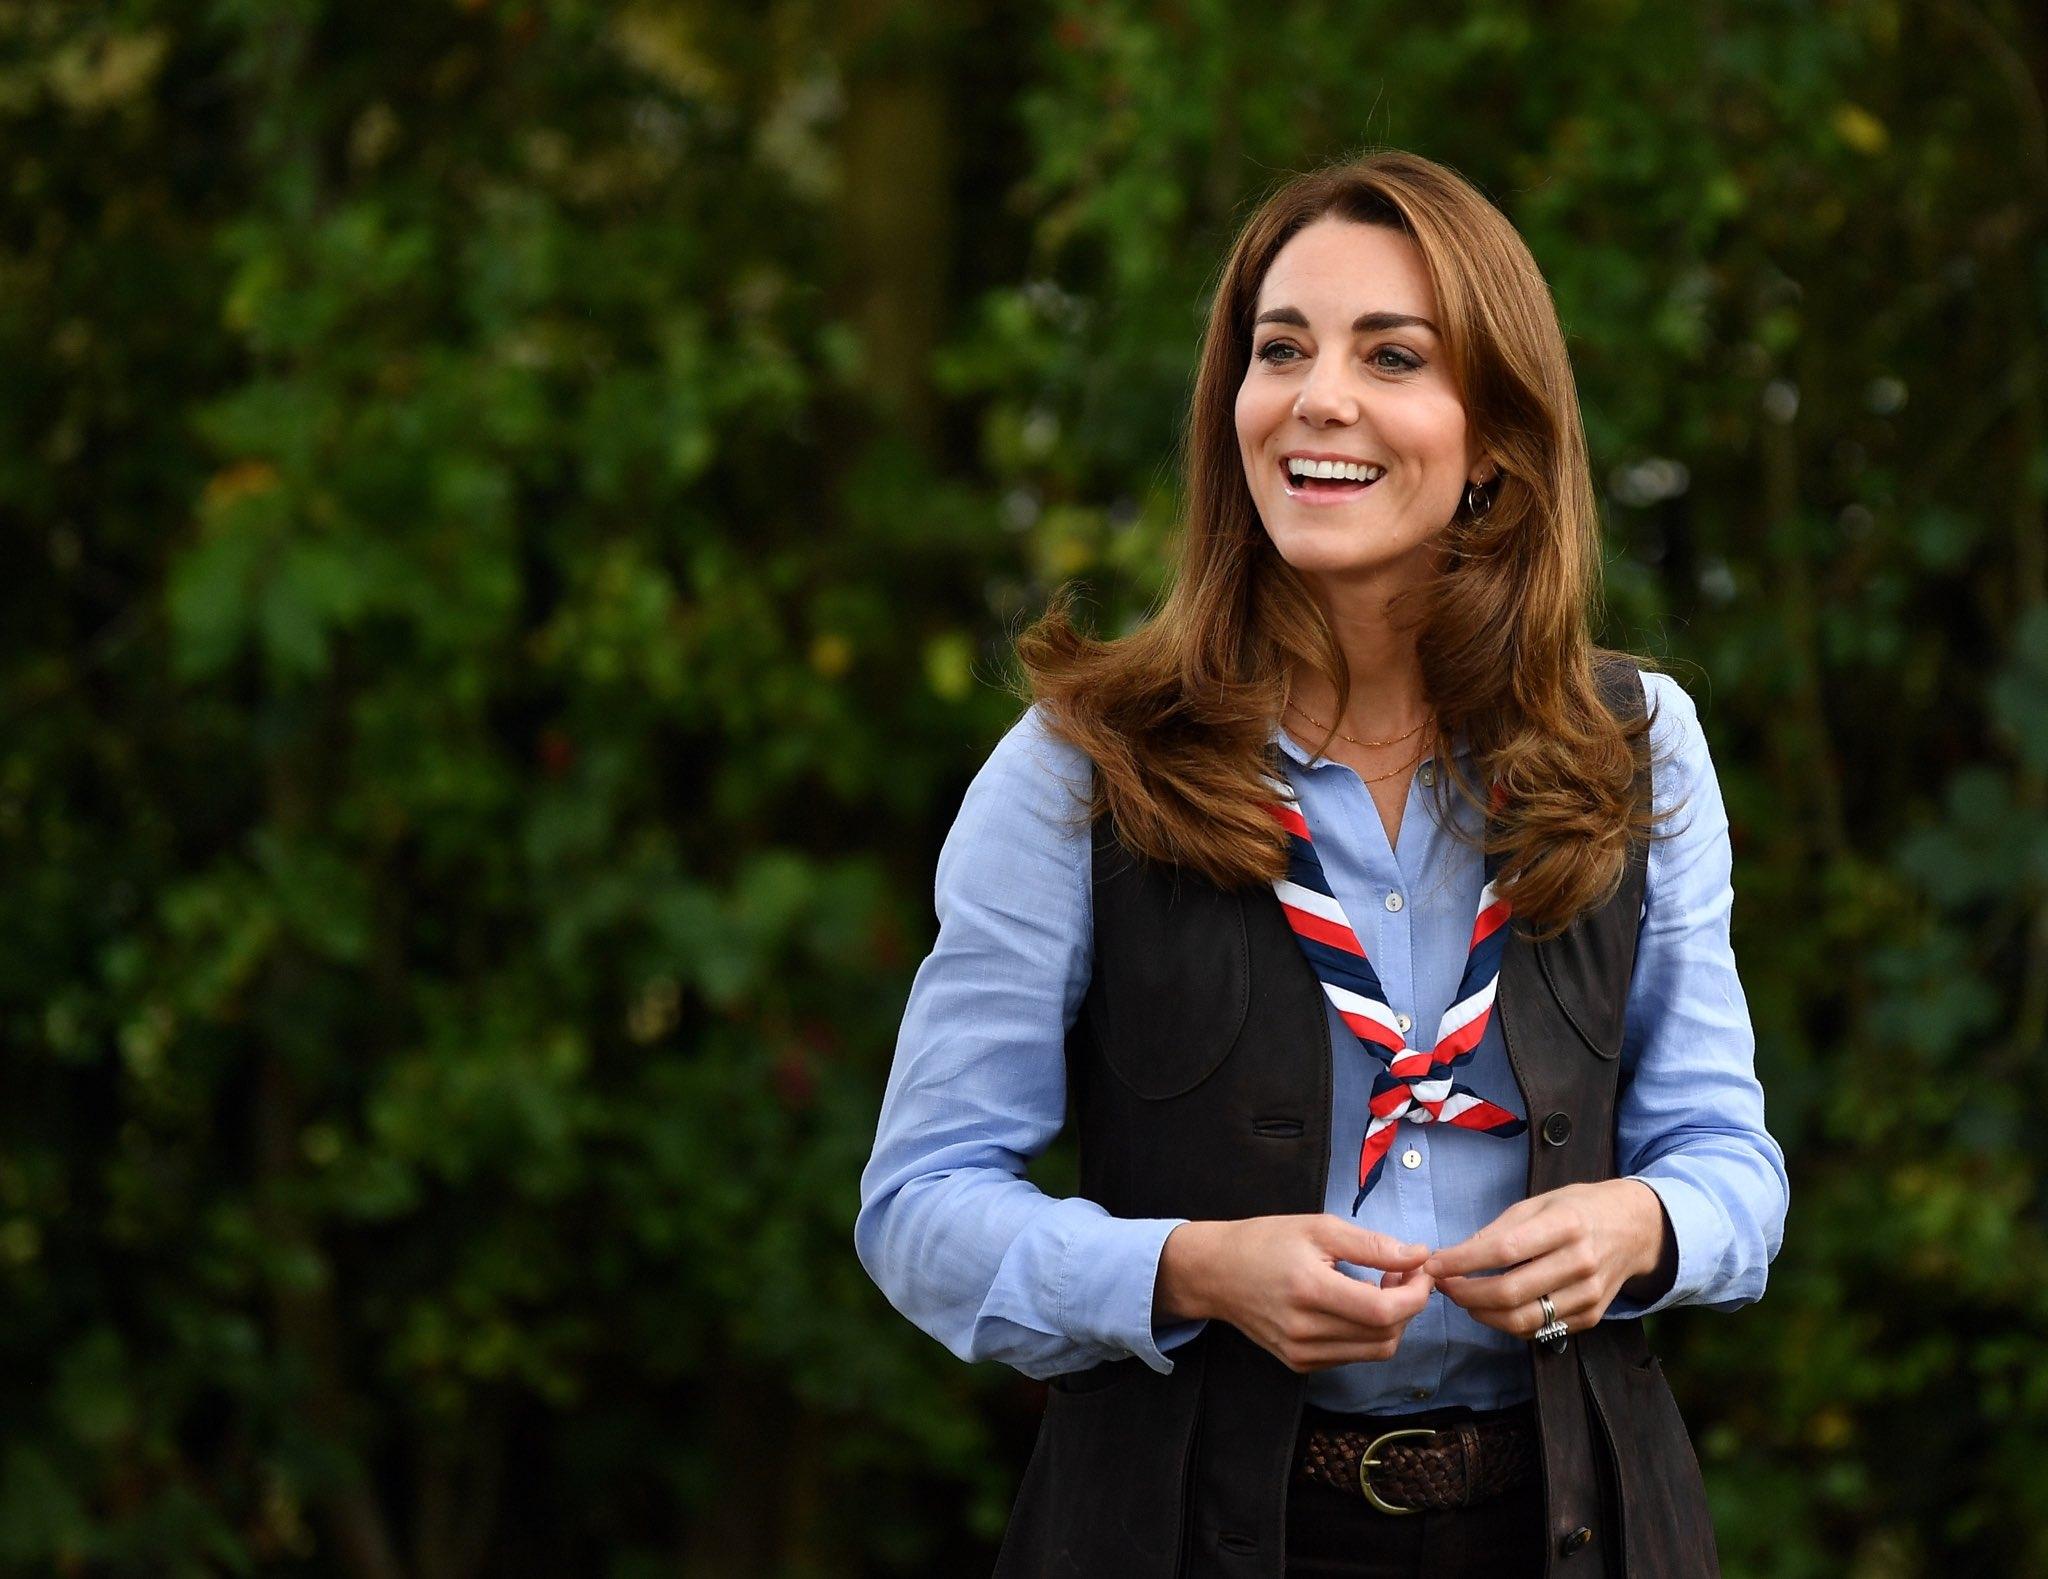 Кейт Миддлтон исполняется 39! Как королевская семья поздравила герцогиню с днем рождения - фото №1